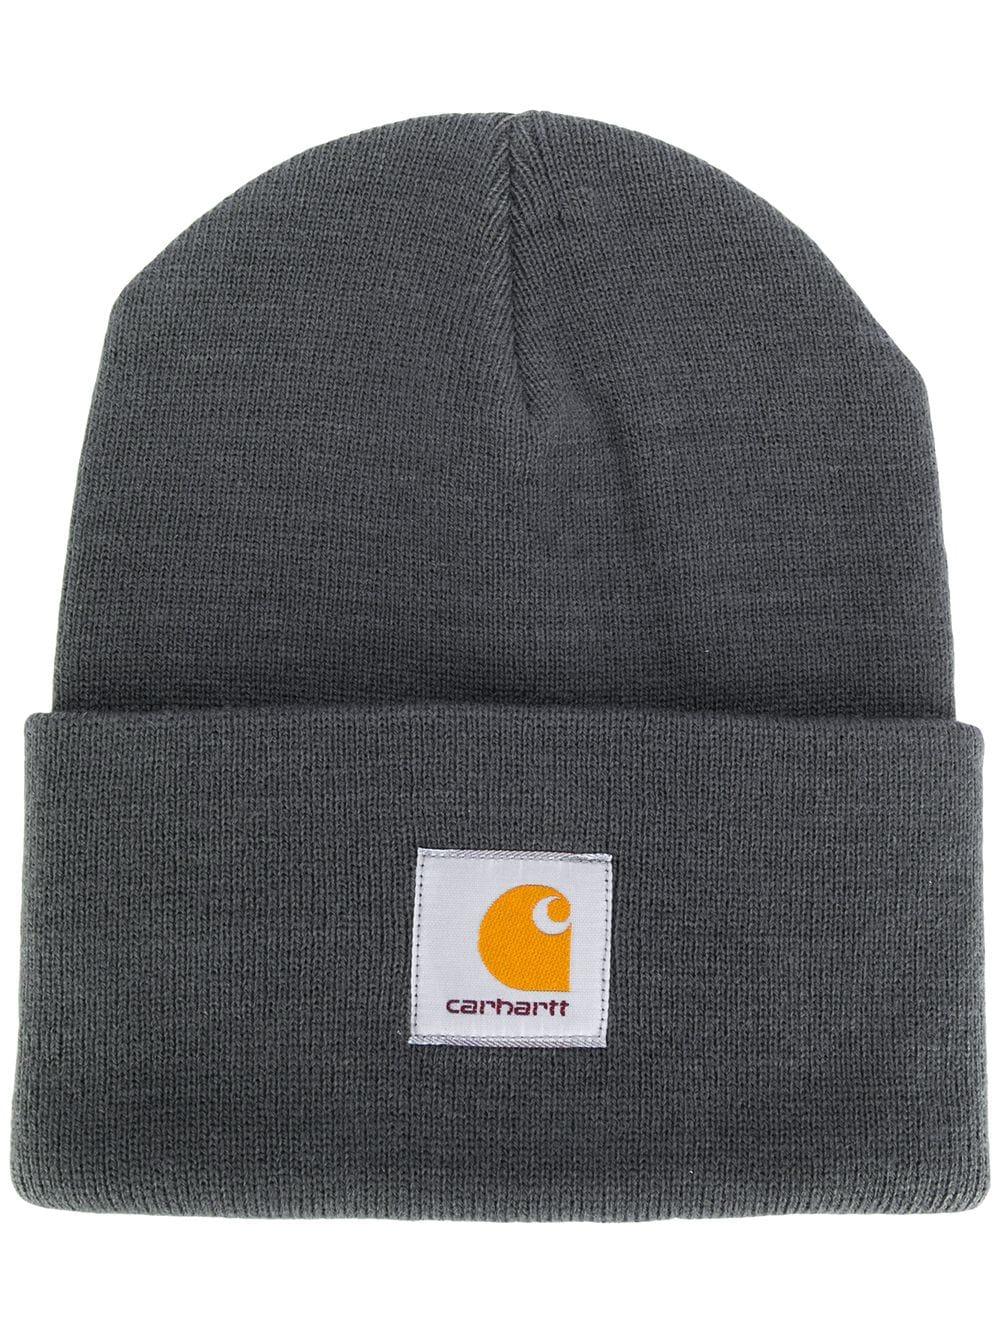 Carhartt Wip cappello con logo uomo nero CARHARTT WIP | Cappelli | I020222E1.00